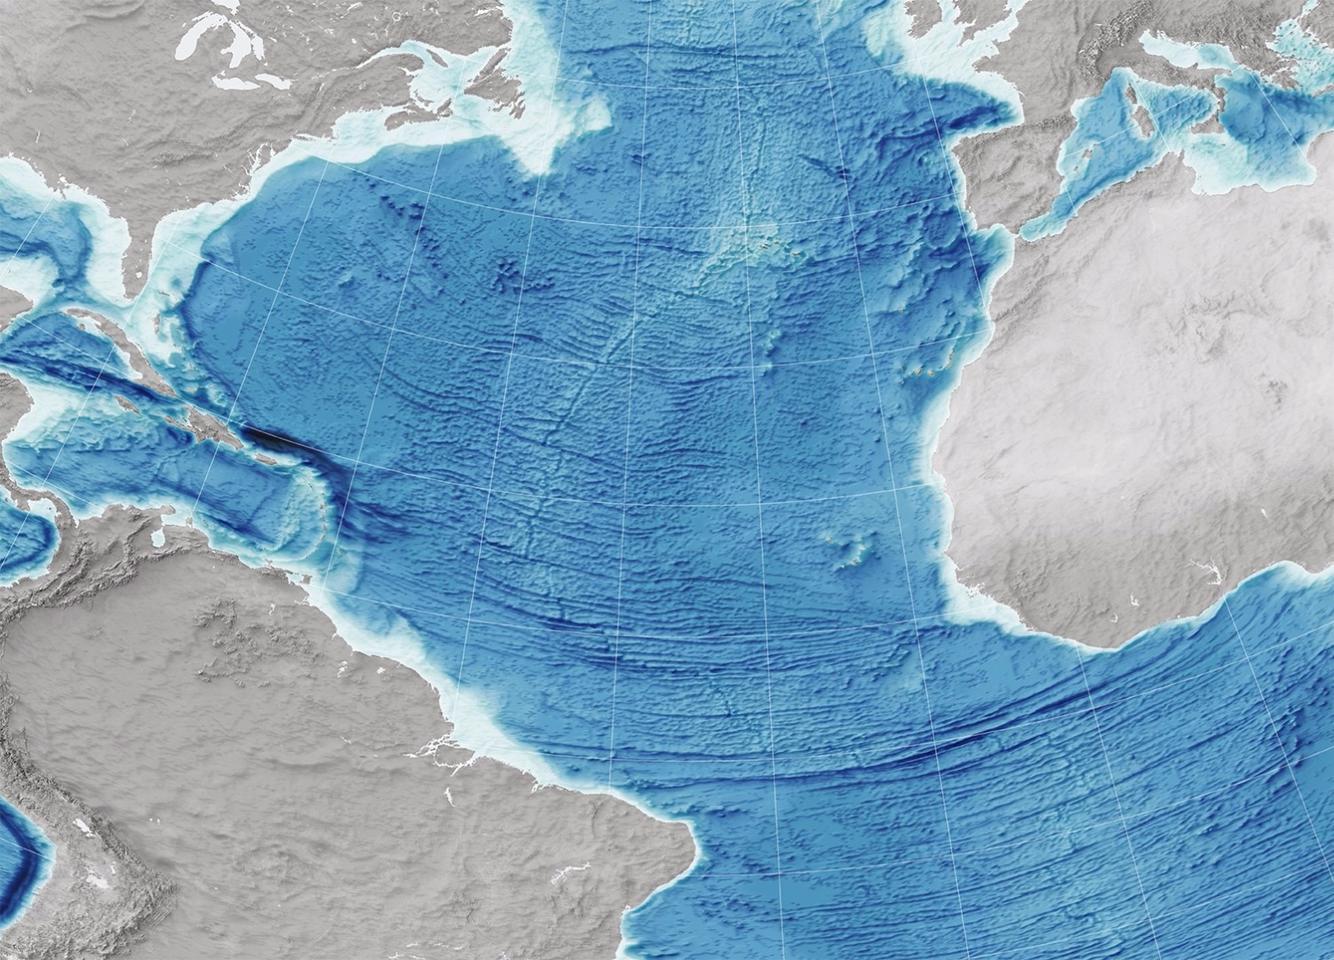 Relief map of the Atlantic Ocean